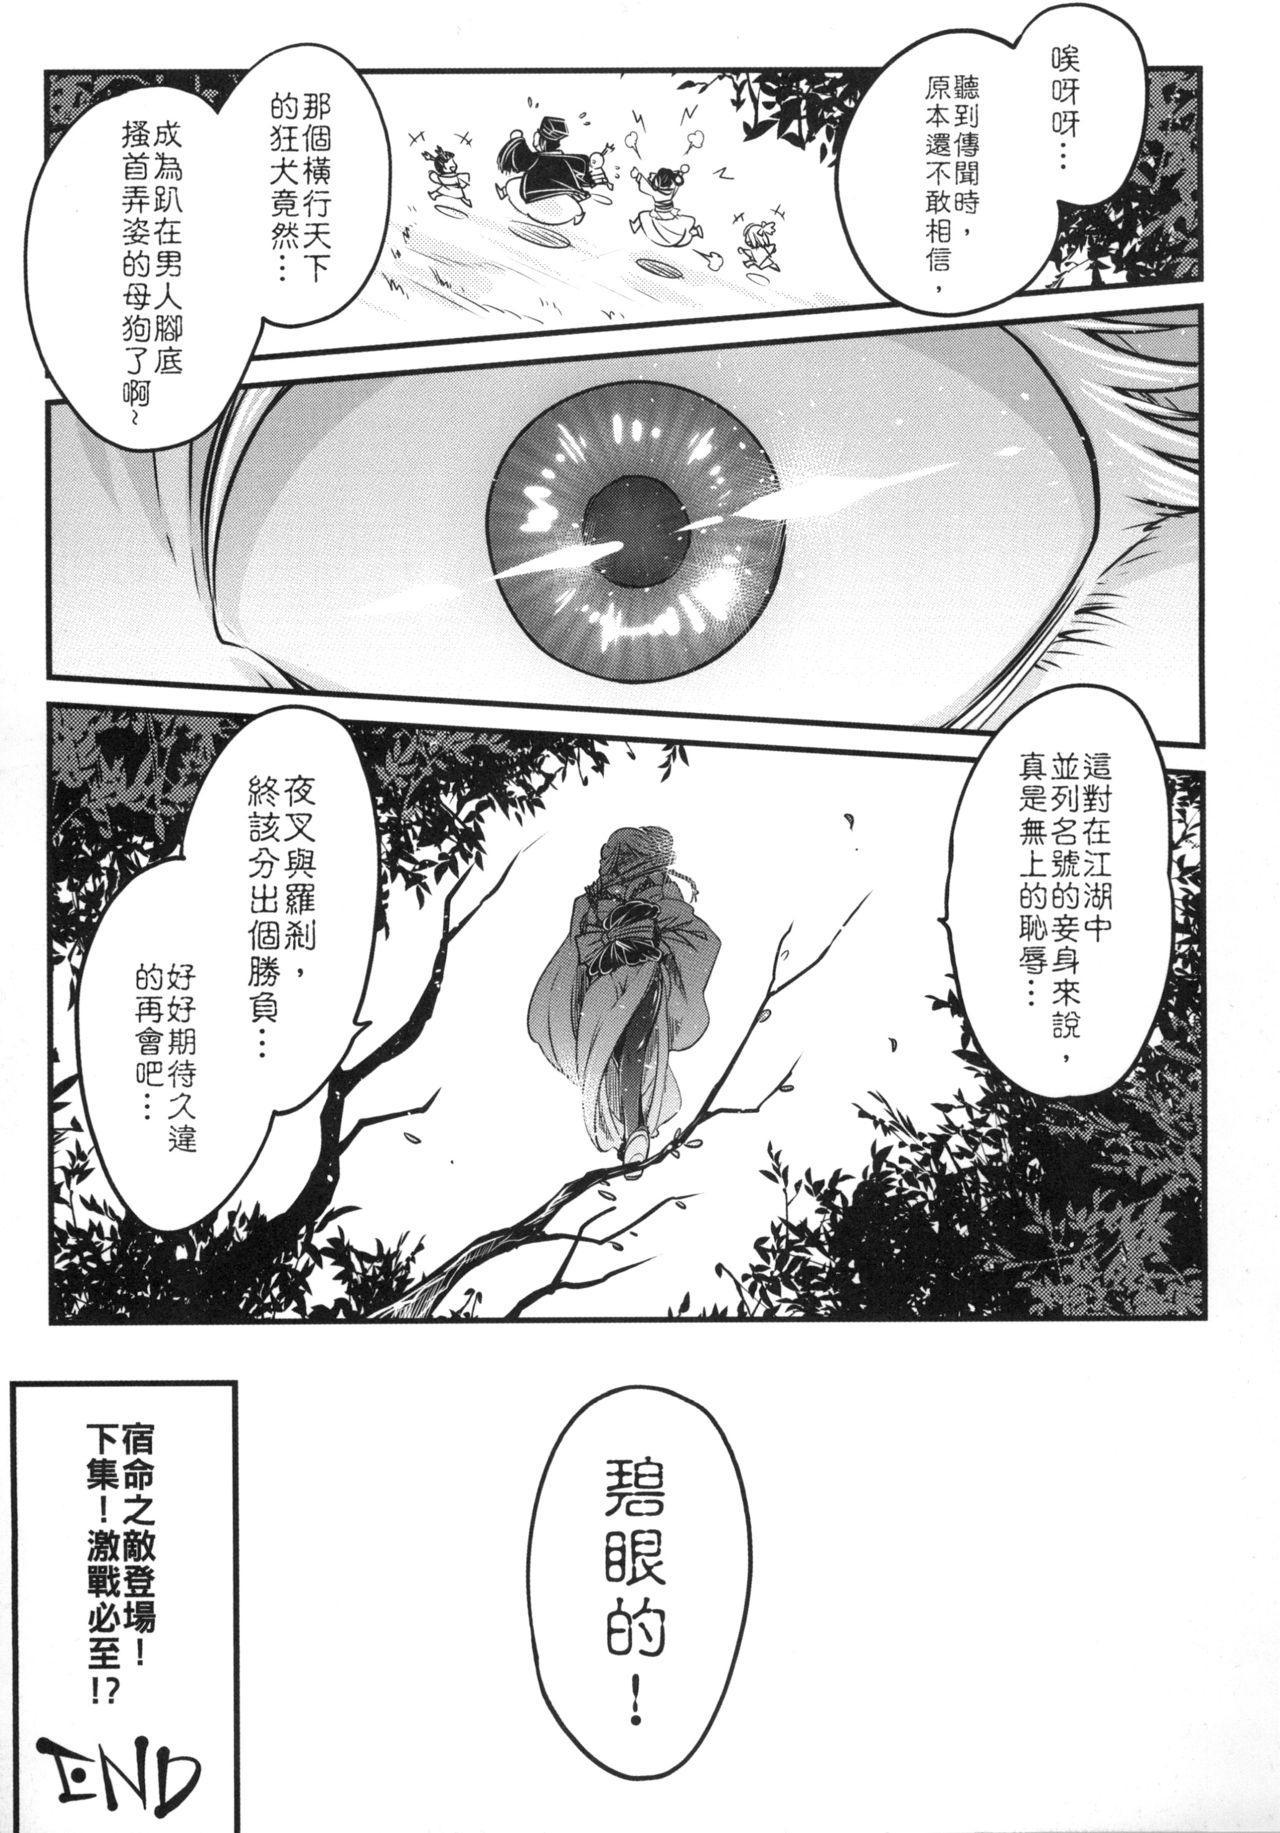 Hyakkasou3 《Hekigan rasetsu no gyakushuu》 24